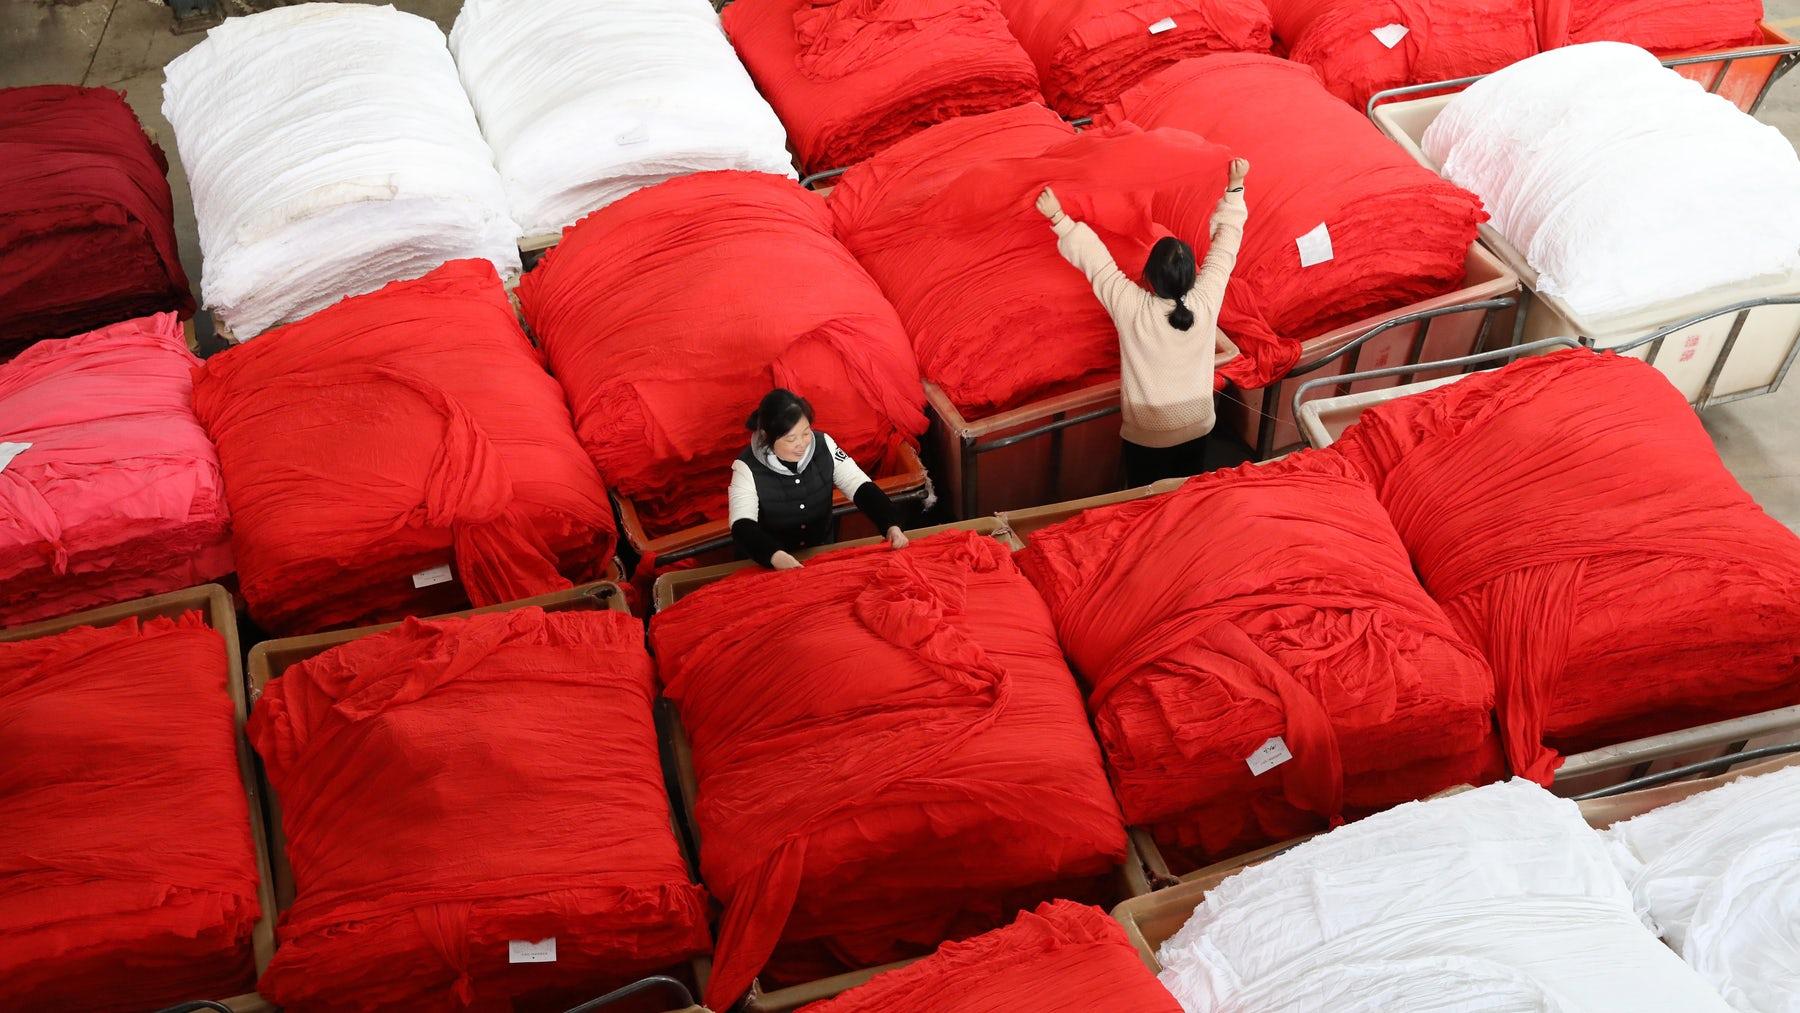 在江苏,浙江和广东这样的工业中心计划停工可以在未来几周内汇集纺织品和服装价格。盖蒂图像。